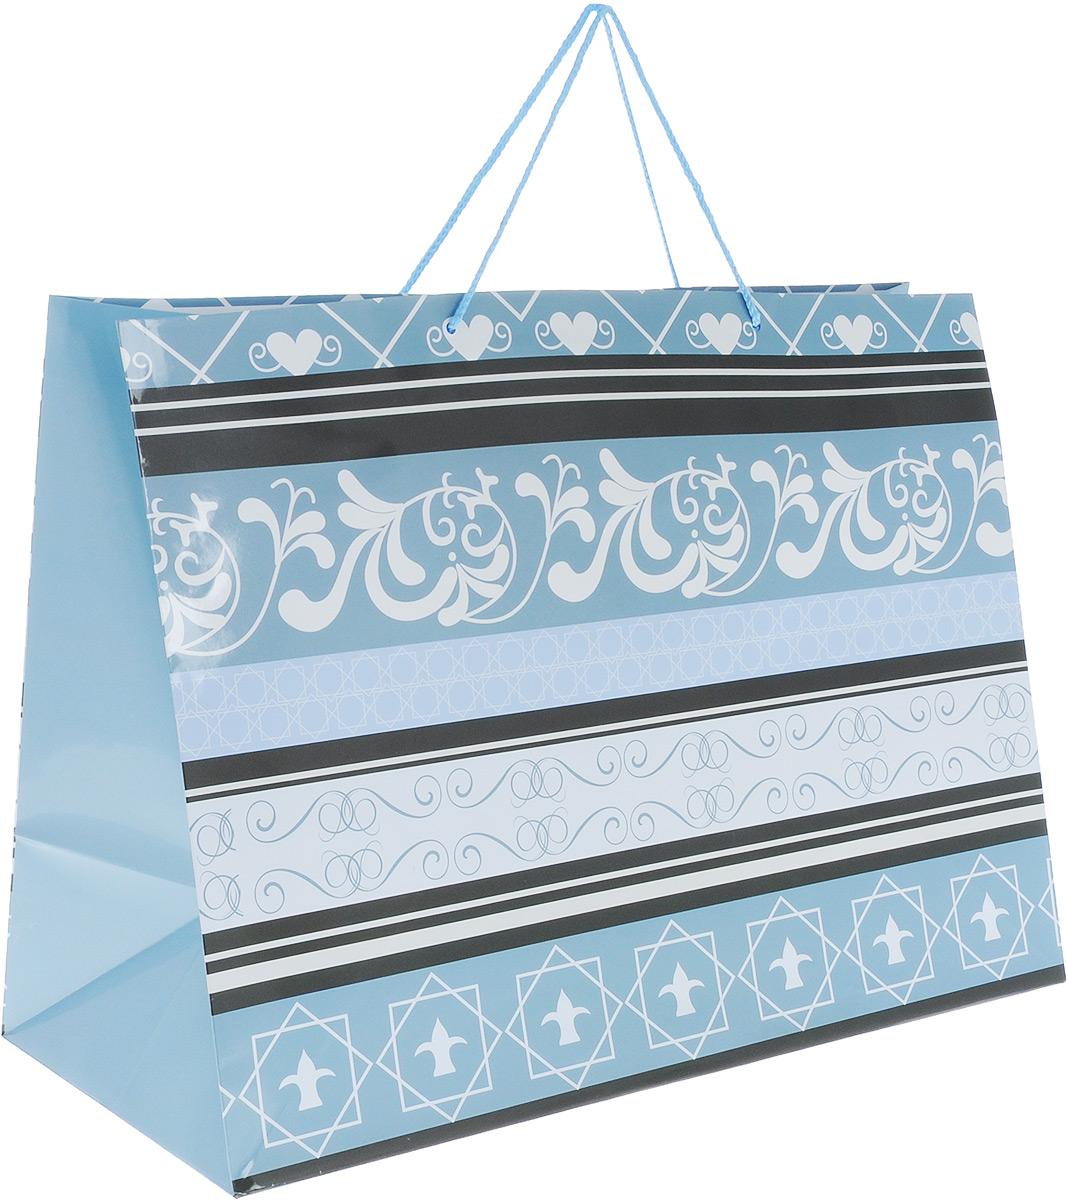 Пакет подарочный МегаМАГ Mix. Узоры, 56 х 41 х 24 см. 924/925 XXLH924/925 XXLH_чёрный,белый,серыйПодарочный пакет МегаМАГ Mix. Узоры, изготовленный из плотной ламинированной бумаги, станет незаменимым дополнением к выбранному подарку. Для удобной переноски на пакете имеются ручки-шнурки.Подарок, преподнесенный в оригинальной упаковке, всегда будет самым эффектным и запоминающимся. Окружите близких людей вниманием и заботой, вручив презент в нарядном, праздничном оформлении.